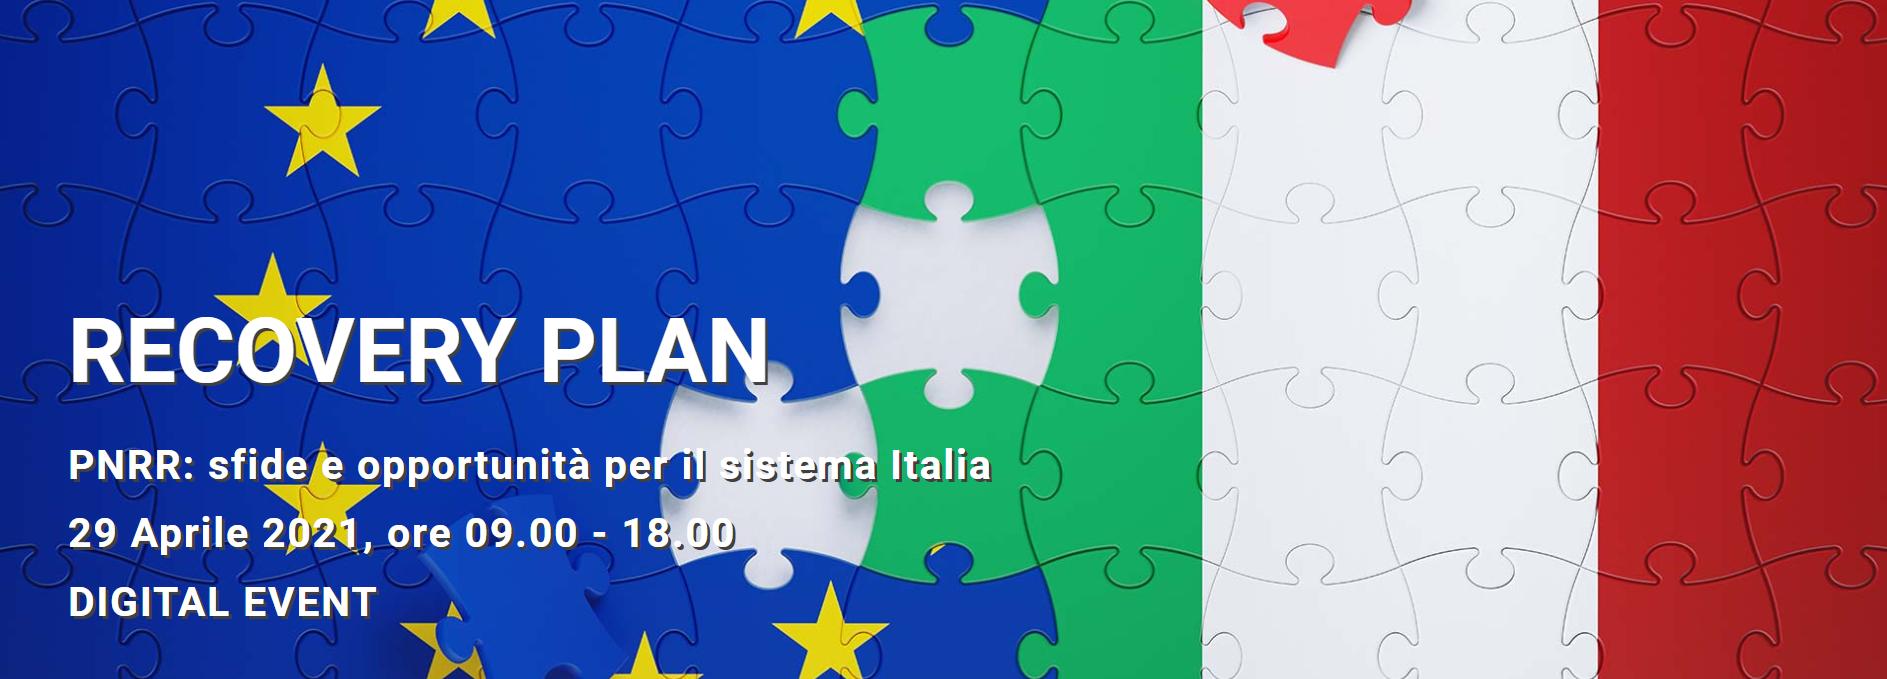 Recovery Plan. Pnrr: sfide e opportunità per il sistema Italia